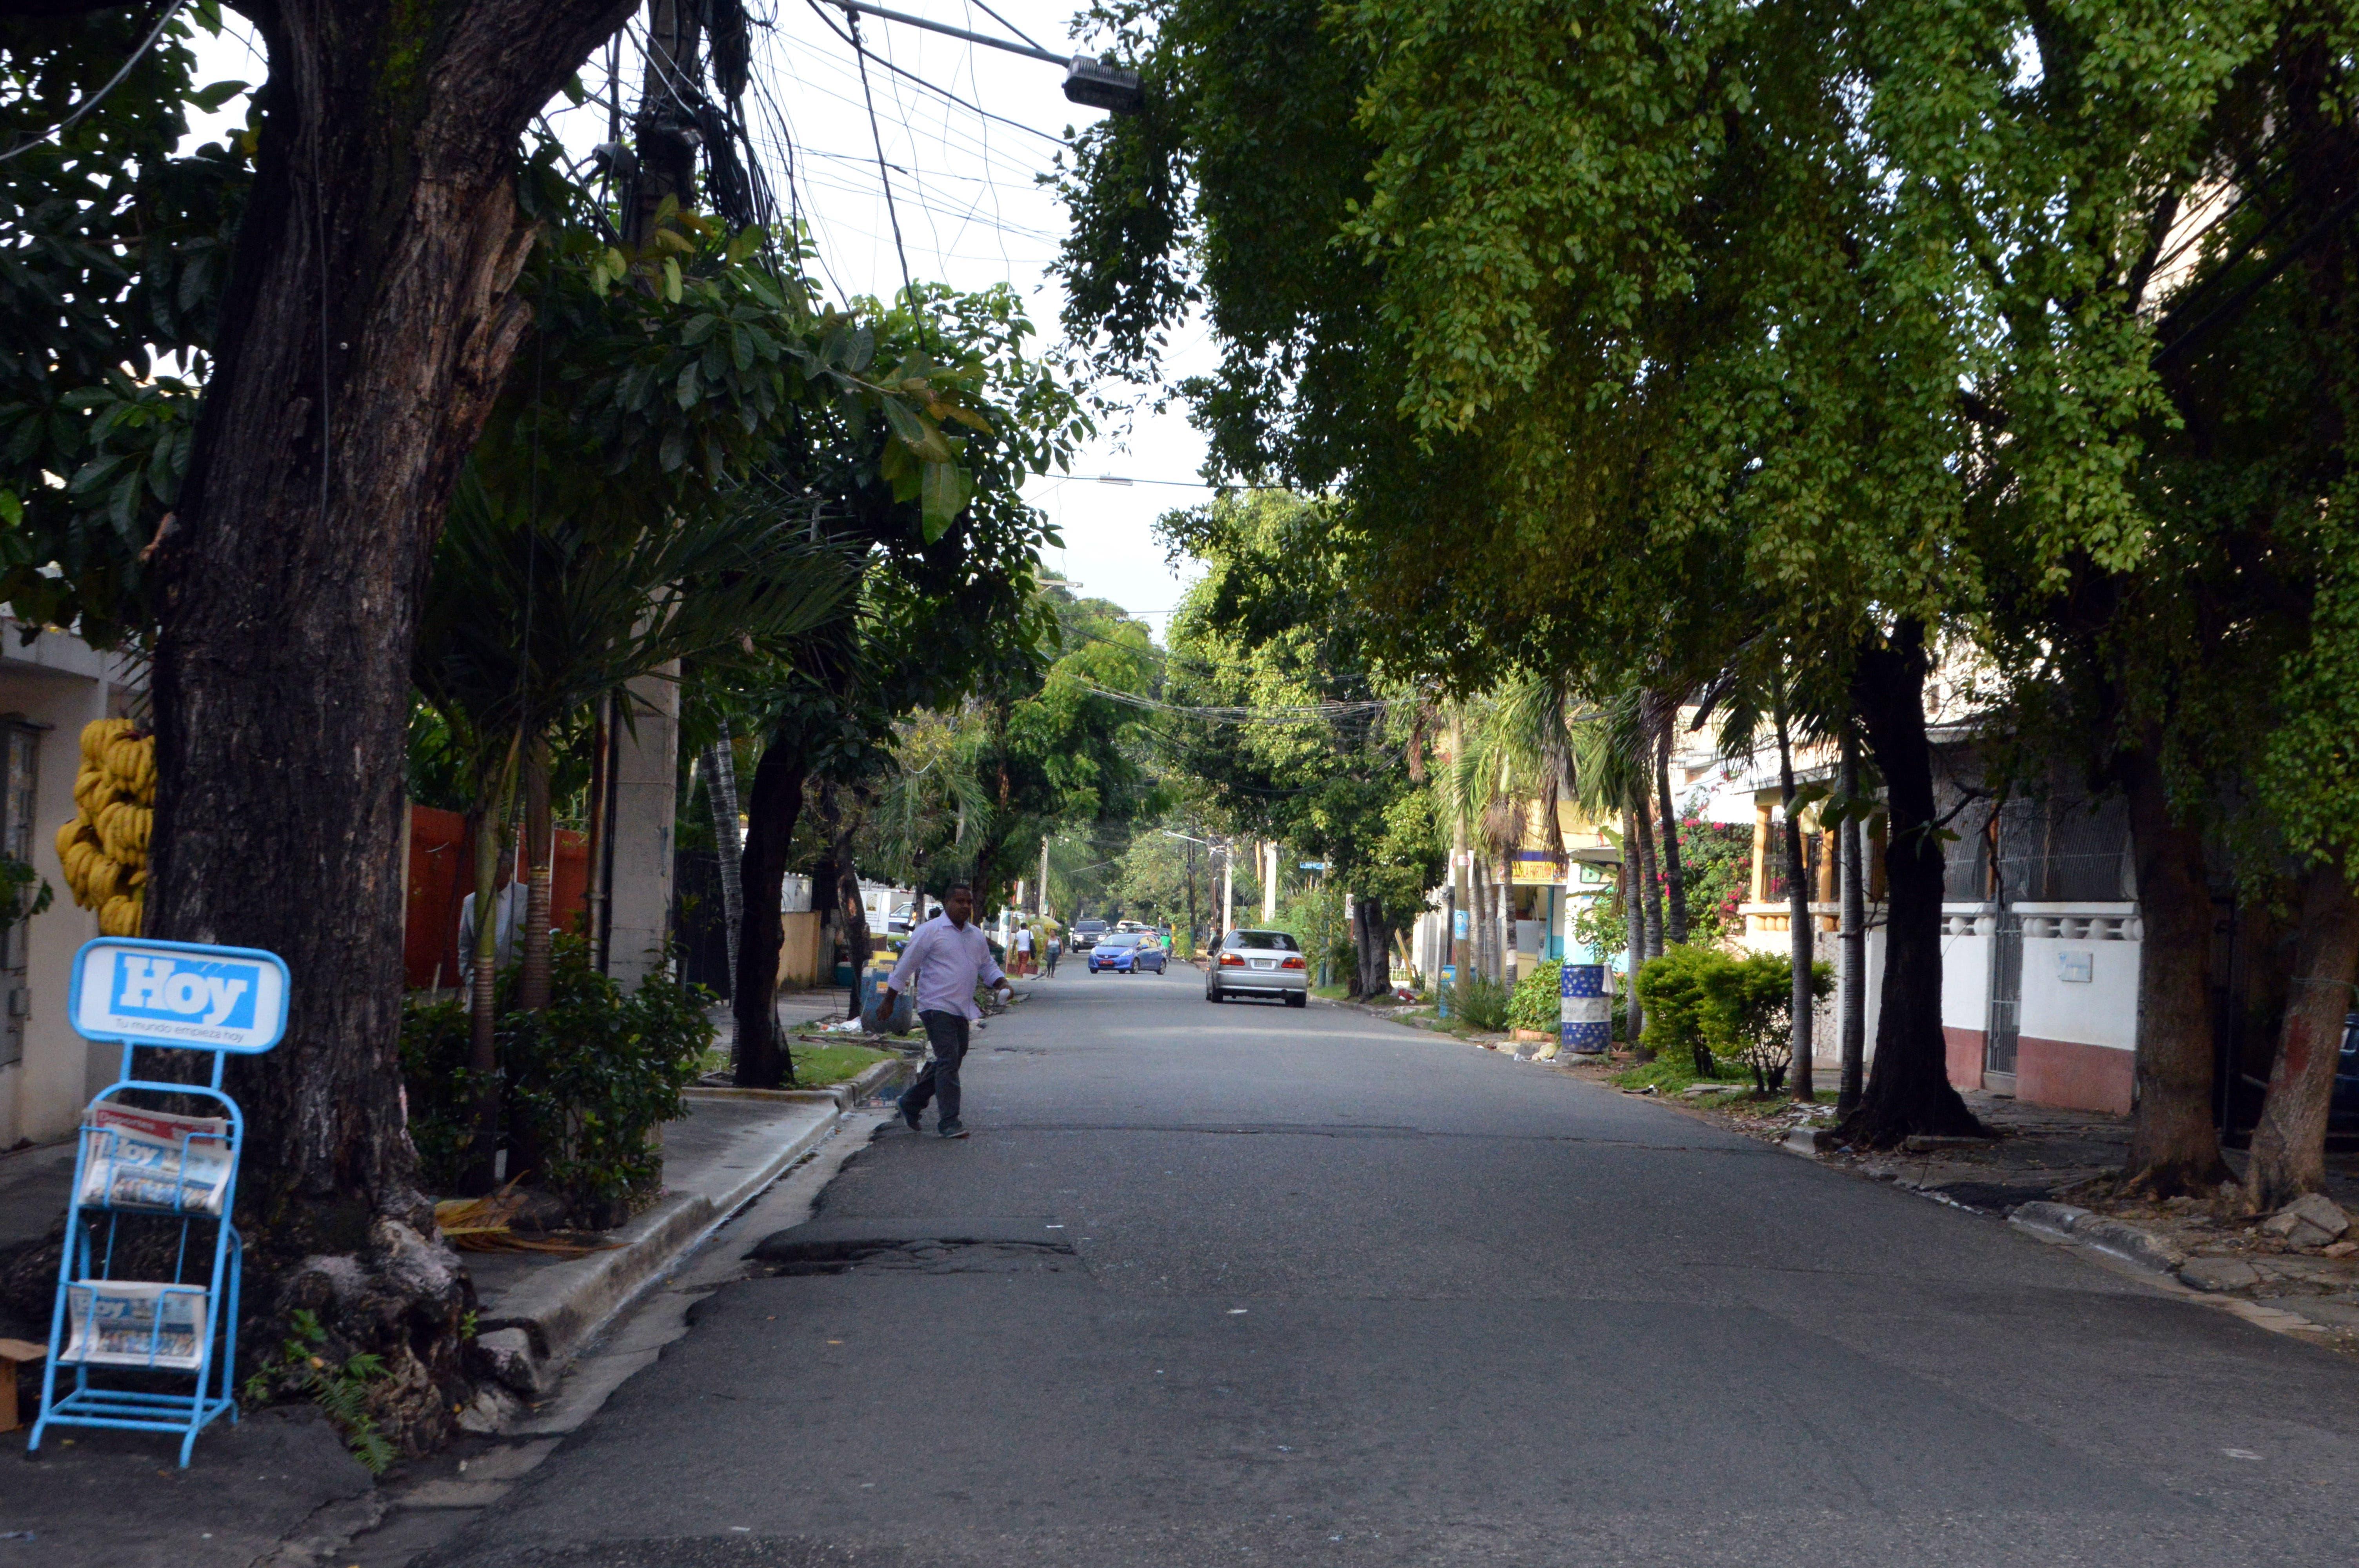 La intención oculta de los nombres de algunas  calles